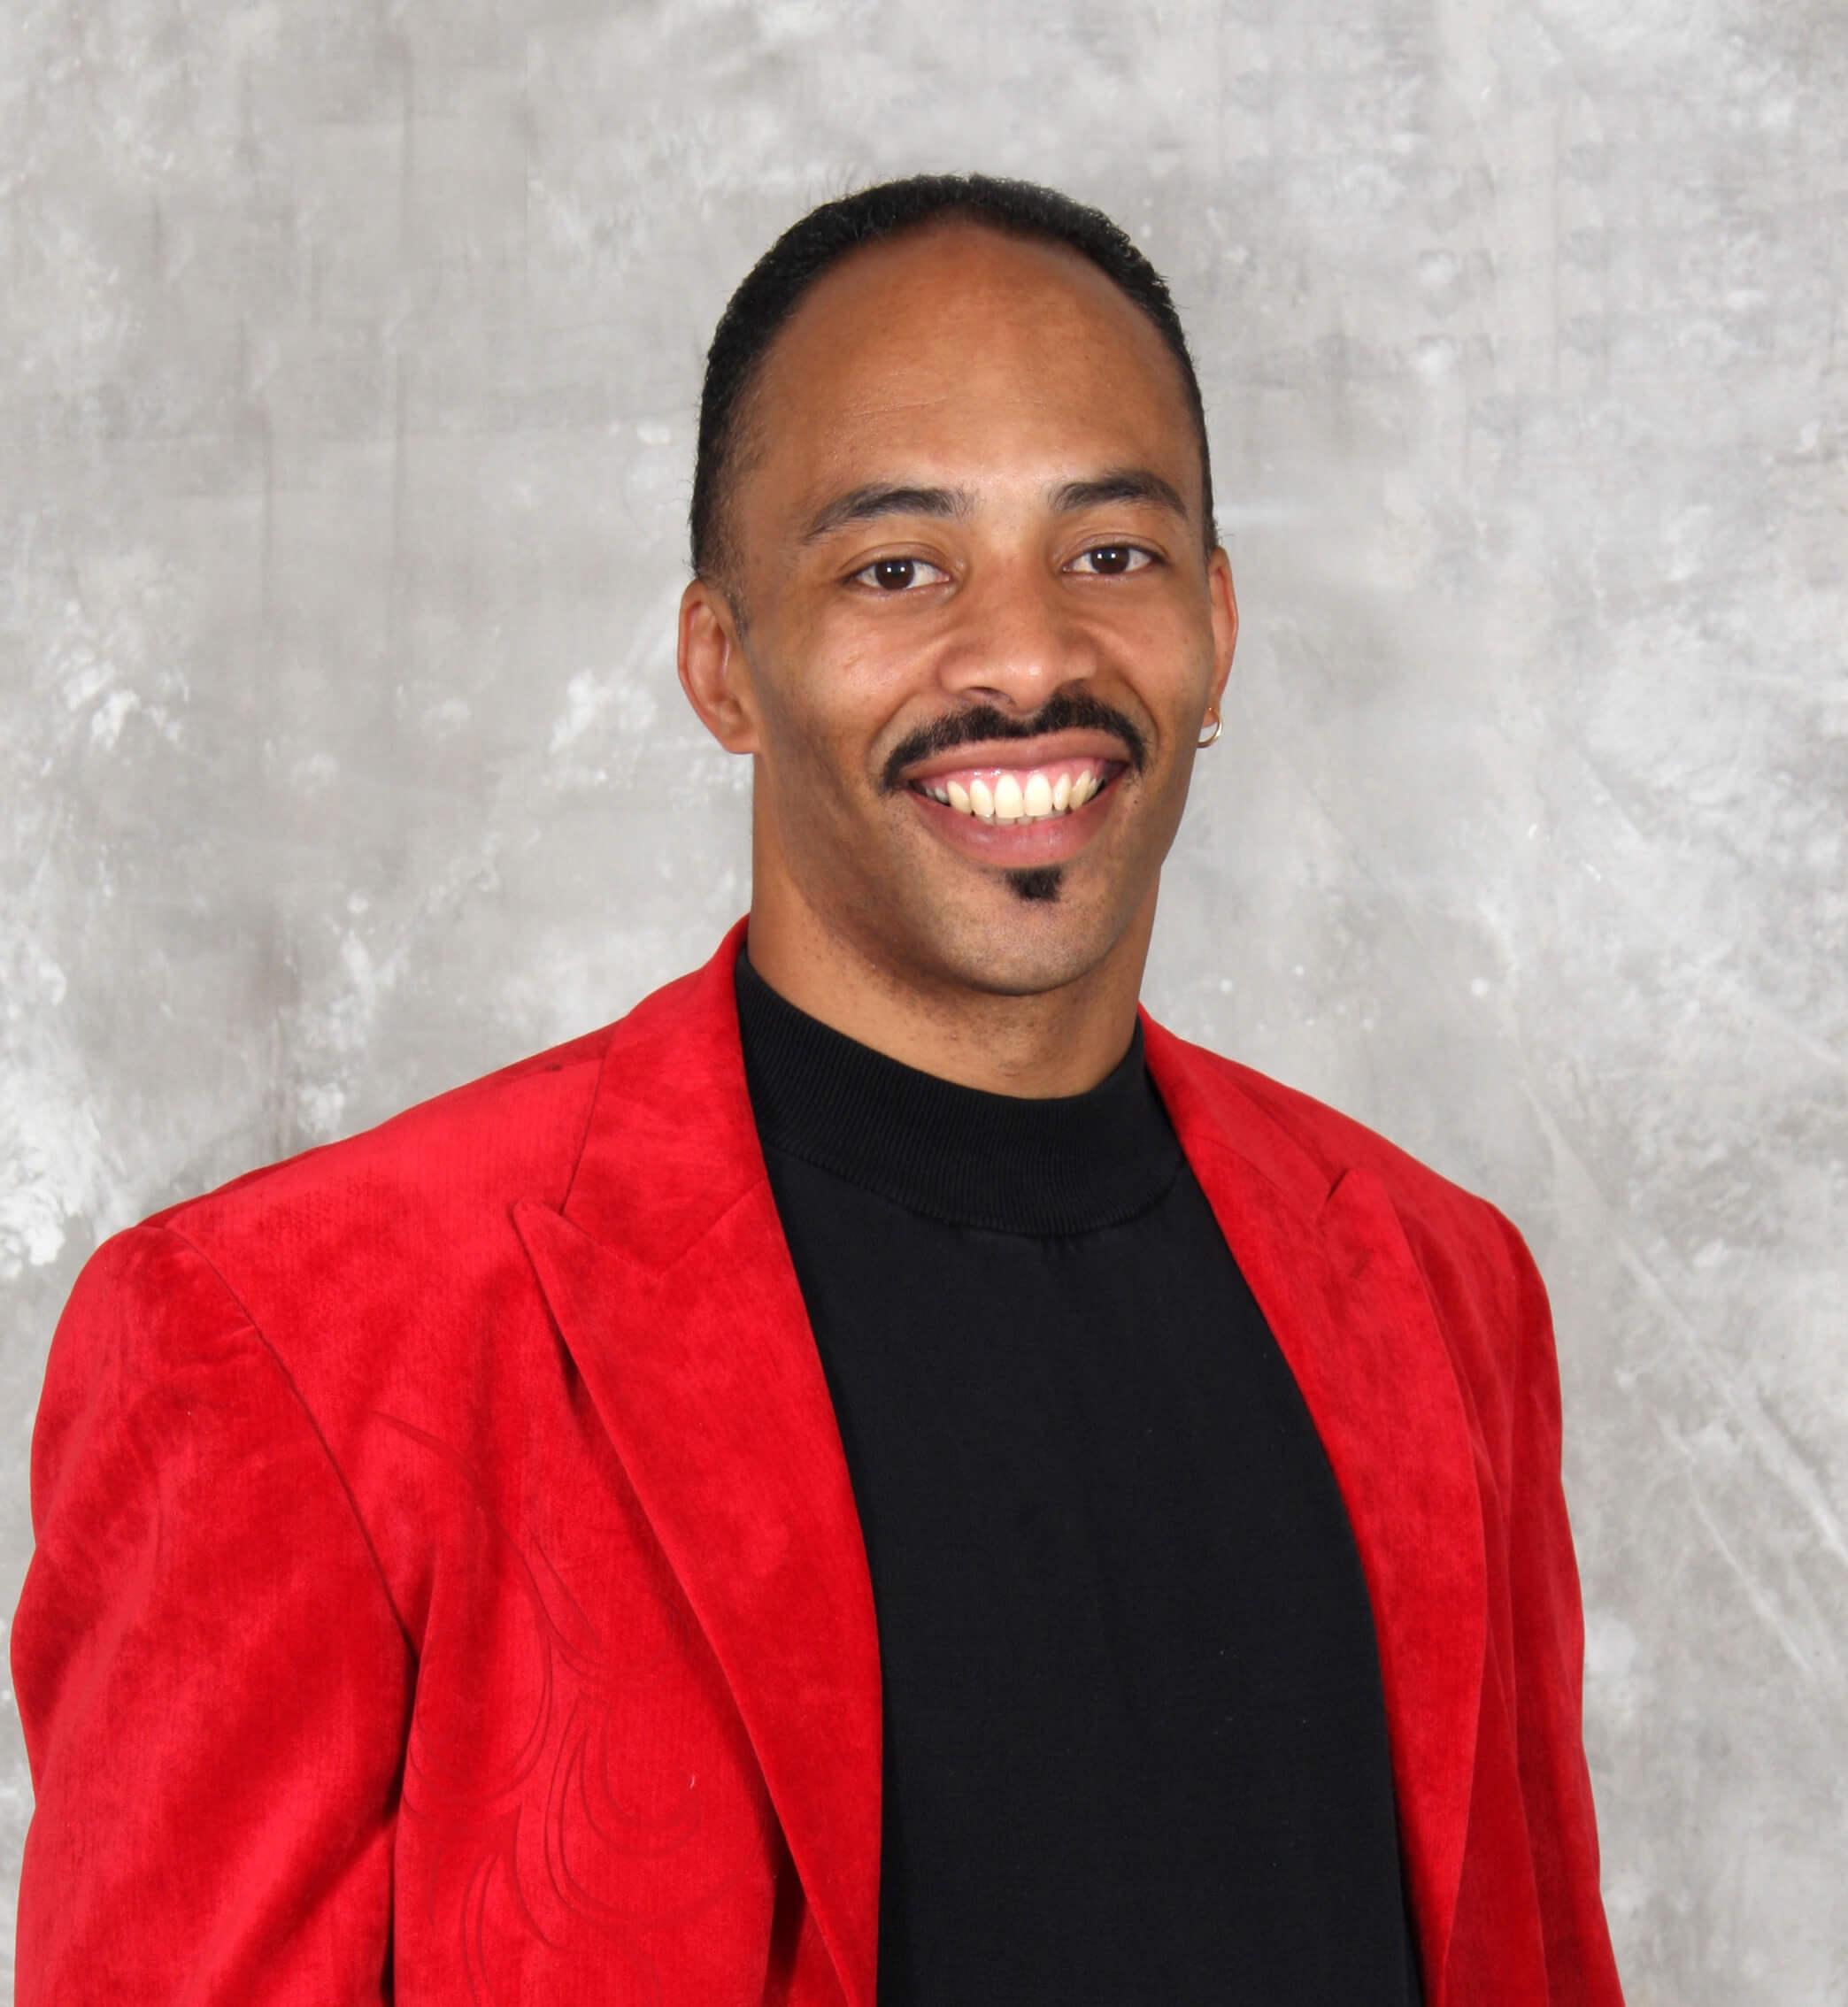 Dion-Jordan